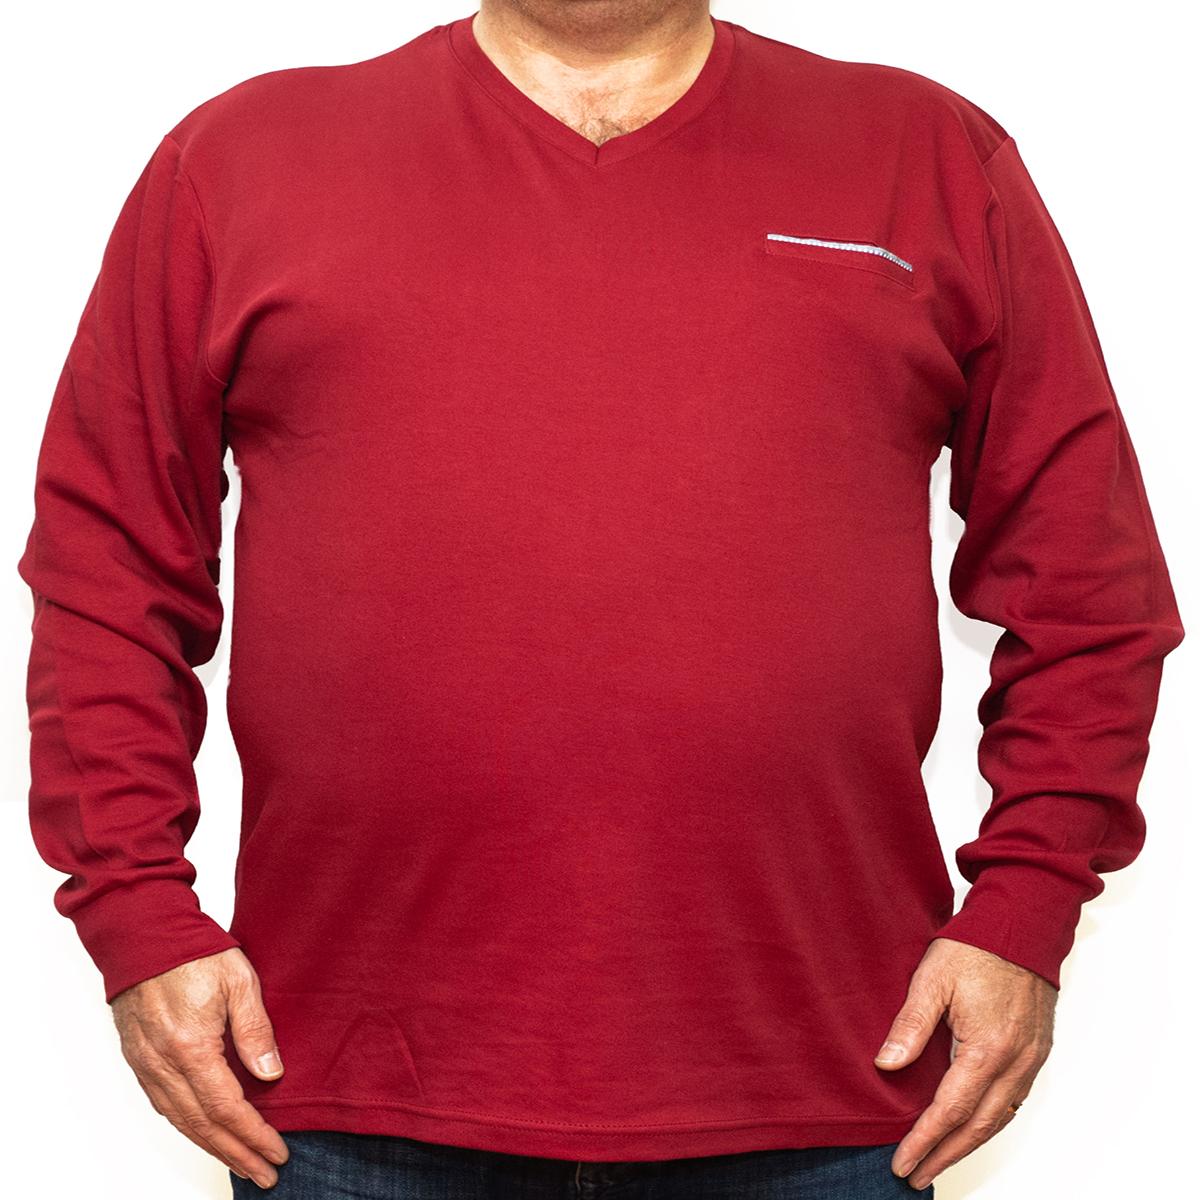 Bluza subtire rosie cu anchior , Marime 3XL - egato.ro